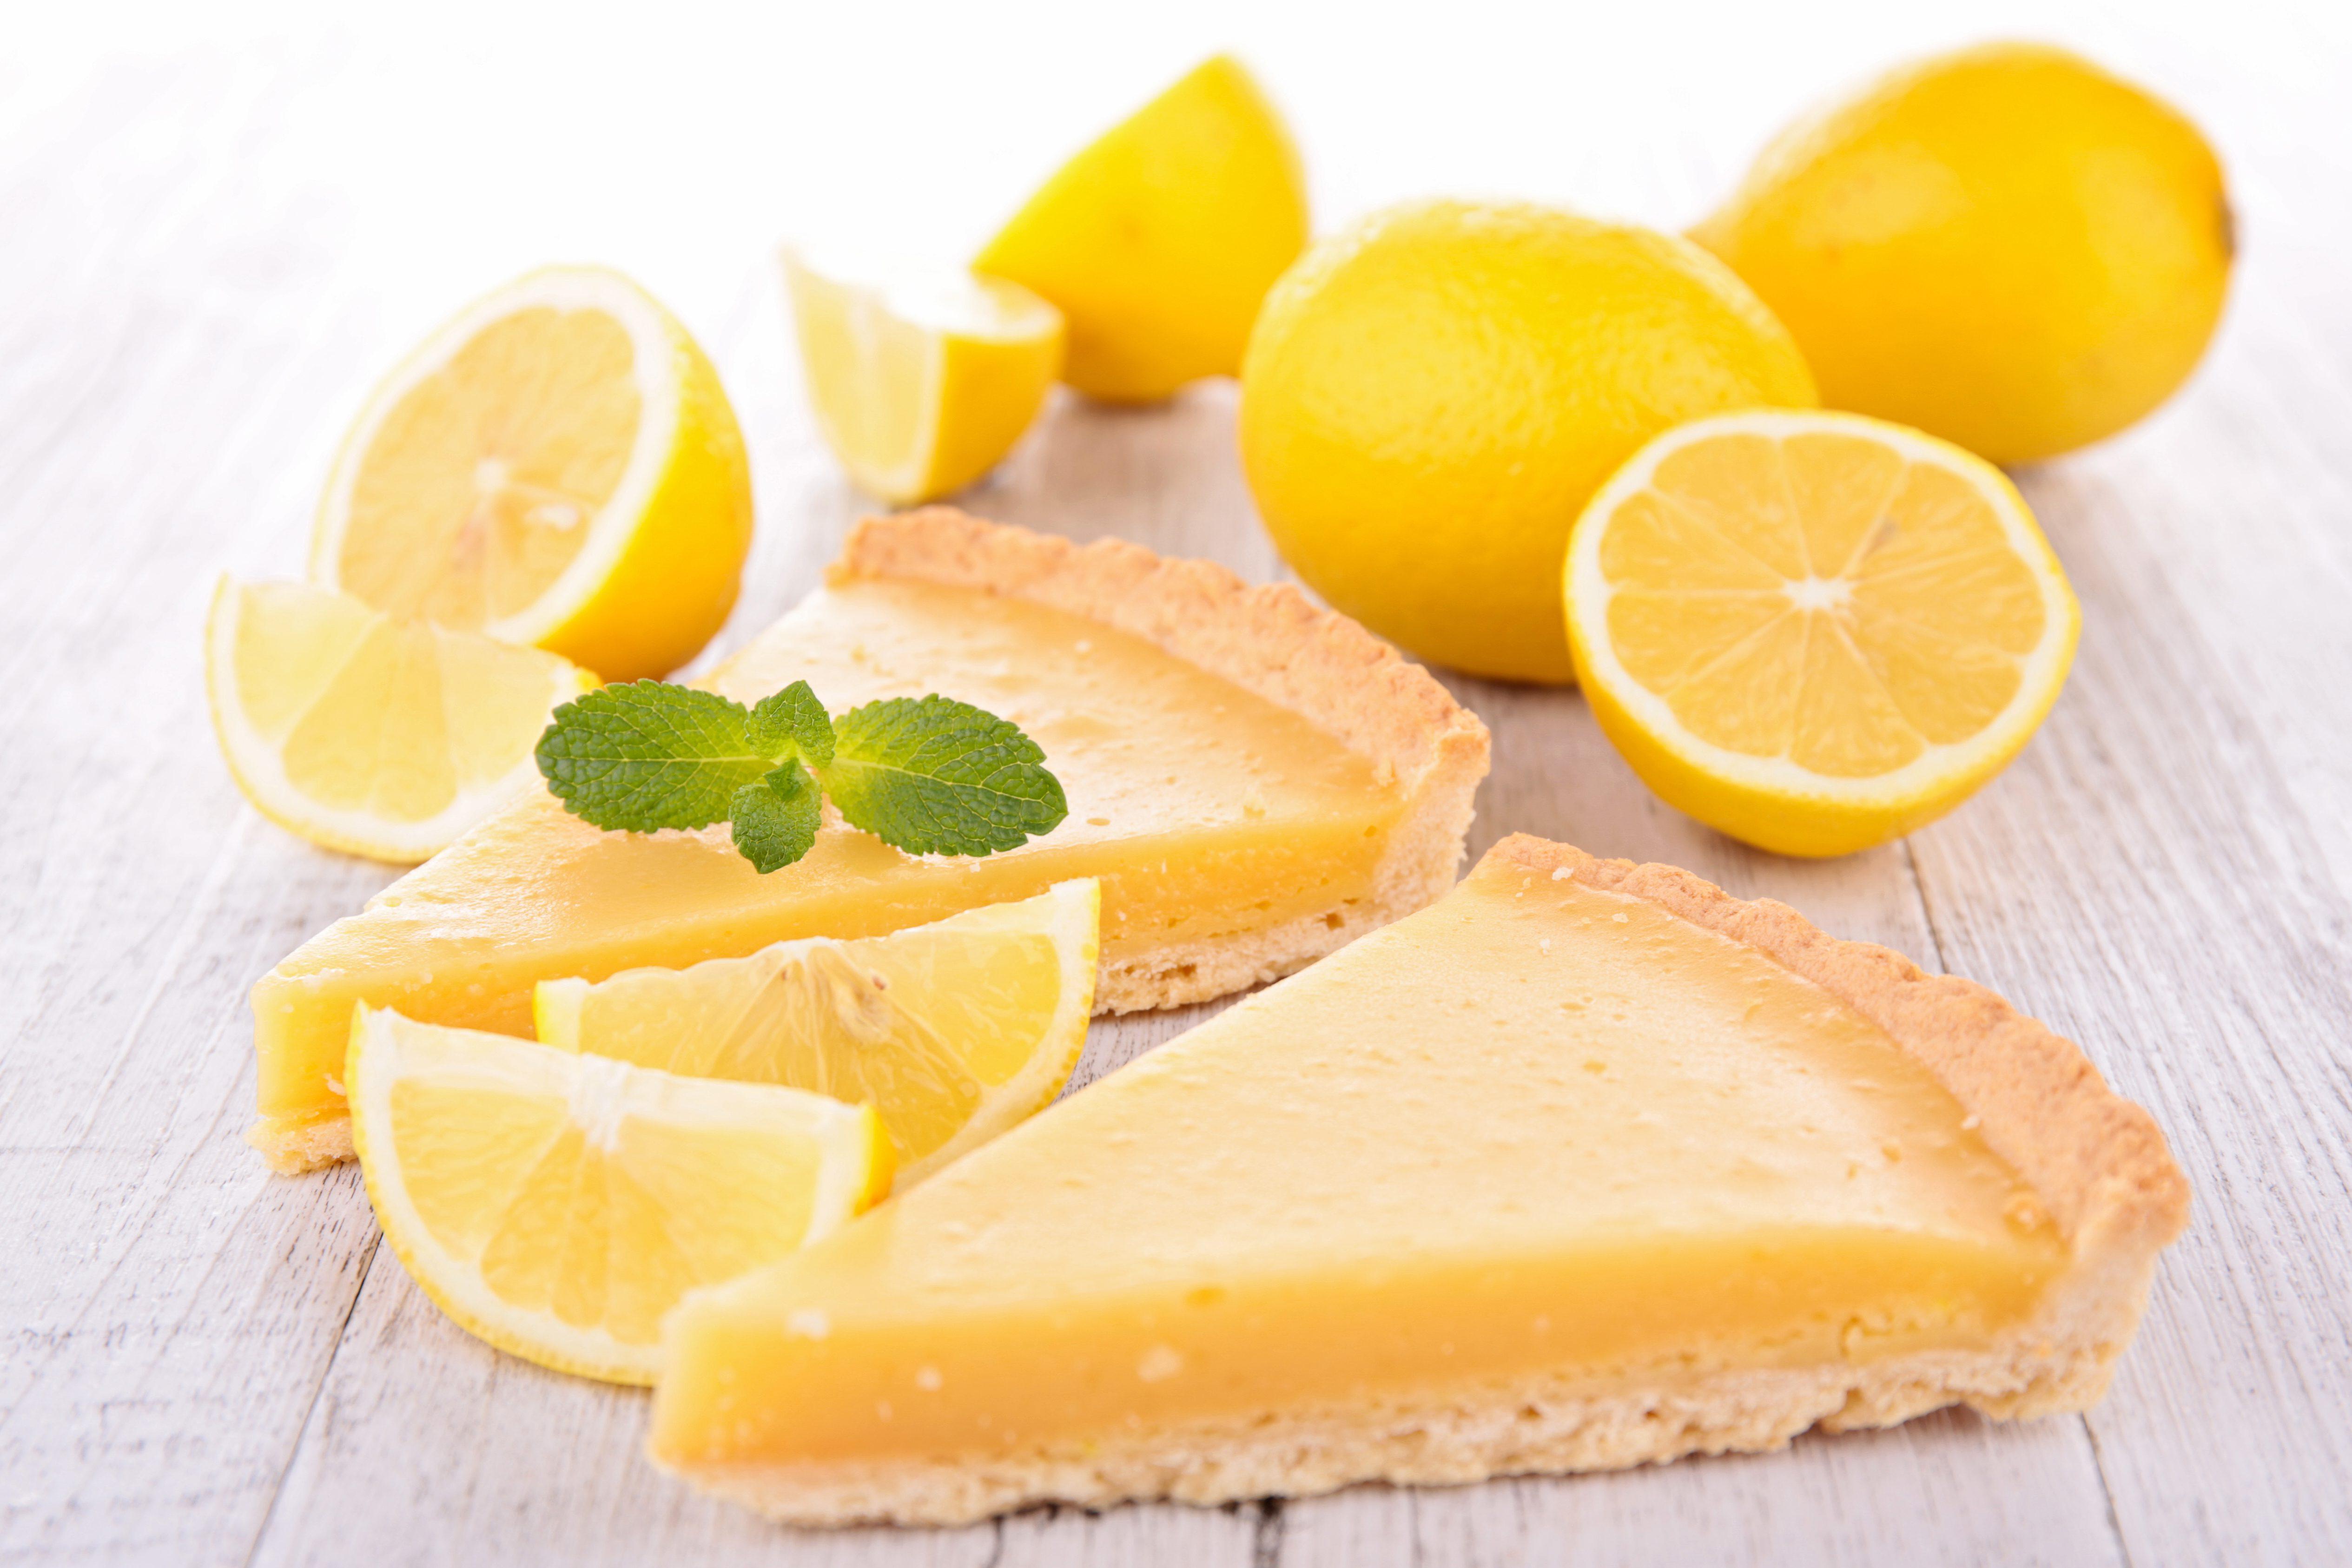 carnet de recettes - tarte citron noix de coco